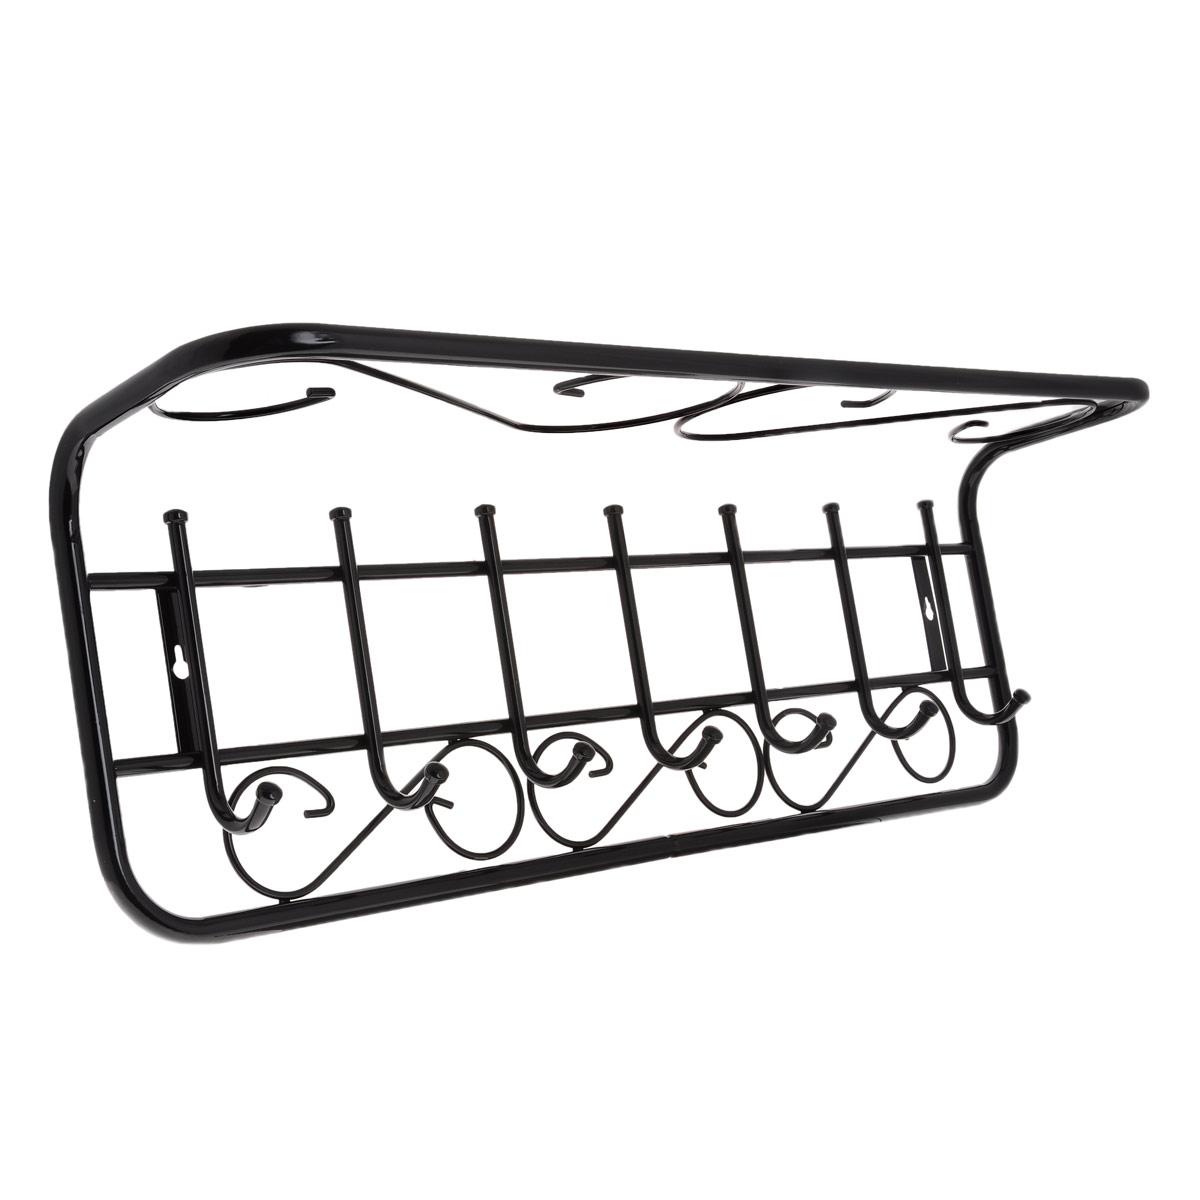 Вешалка настенная ЗМИ Ажур, с полкой, 7 крючков вешалка настенная с 5 крючками agama